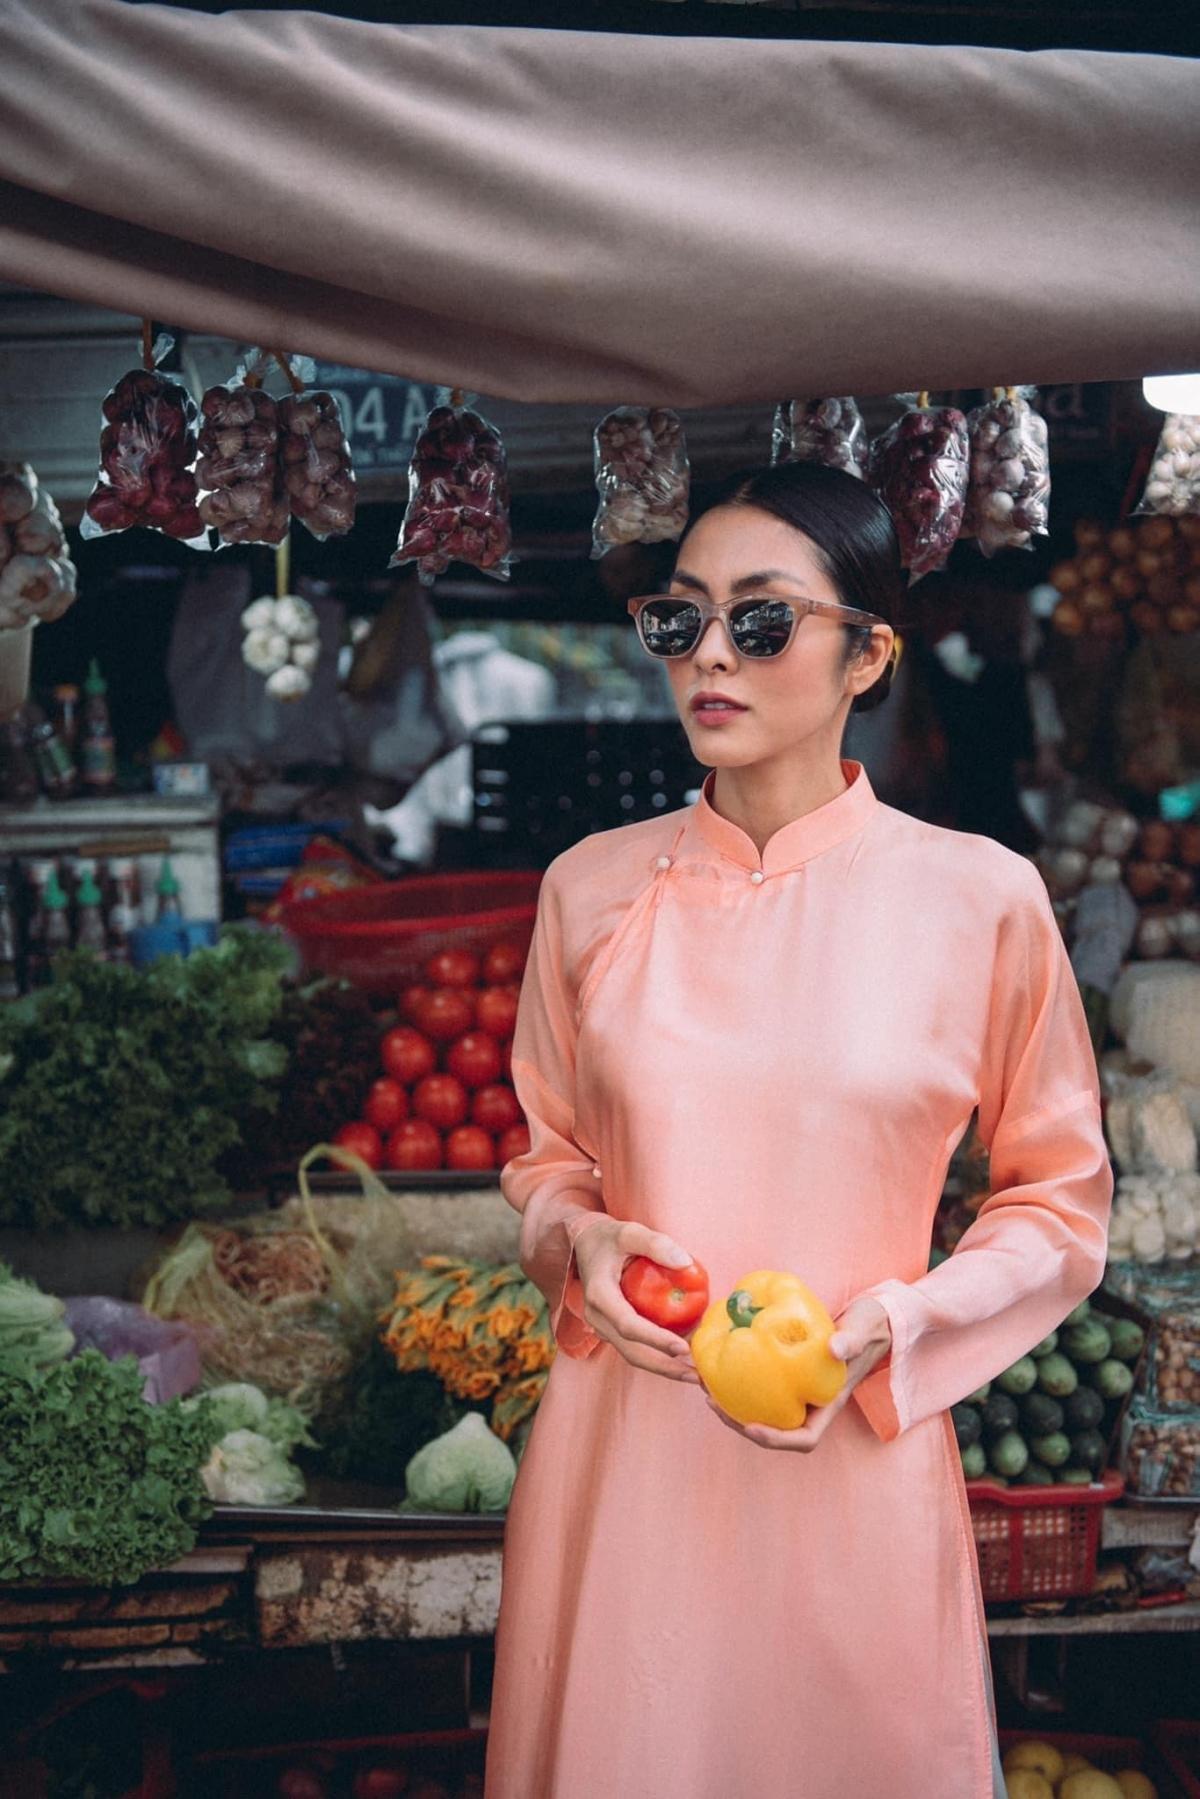 Trên trang cá nhân, Tăng Thanh Hà khoe bộ ảnh mặc áo dài đi chợ Tết.